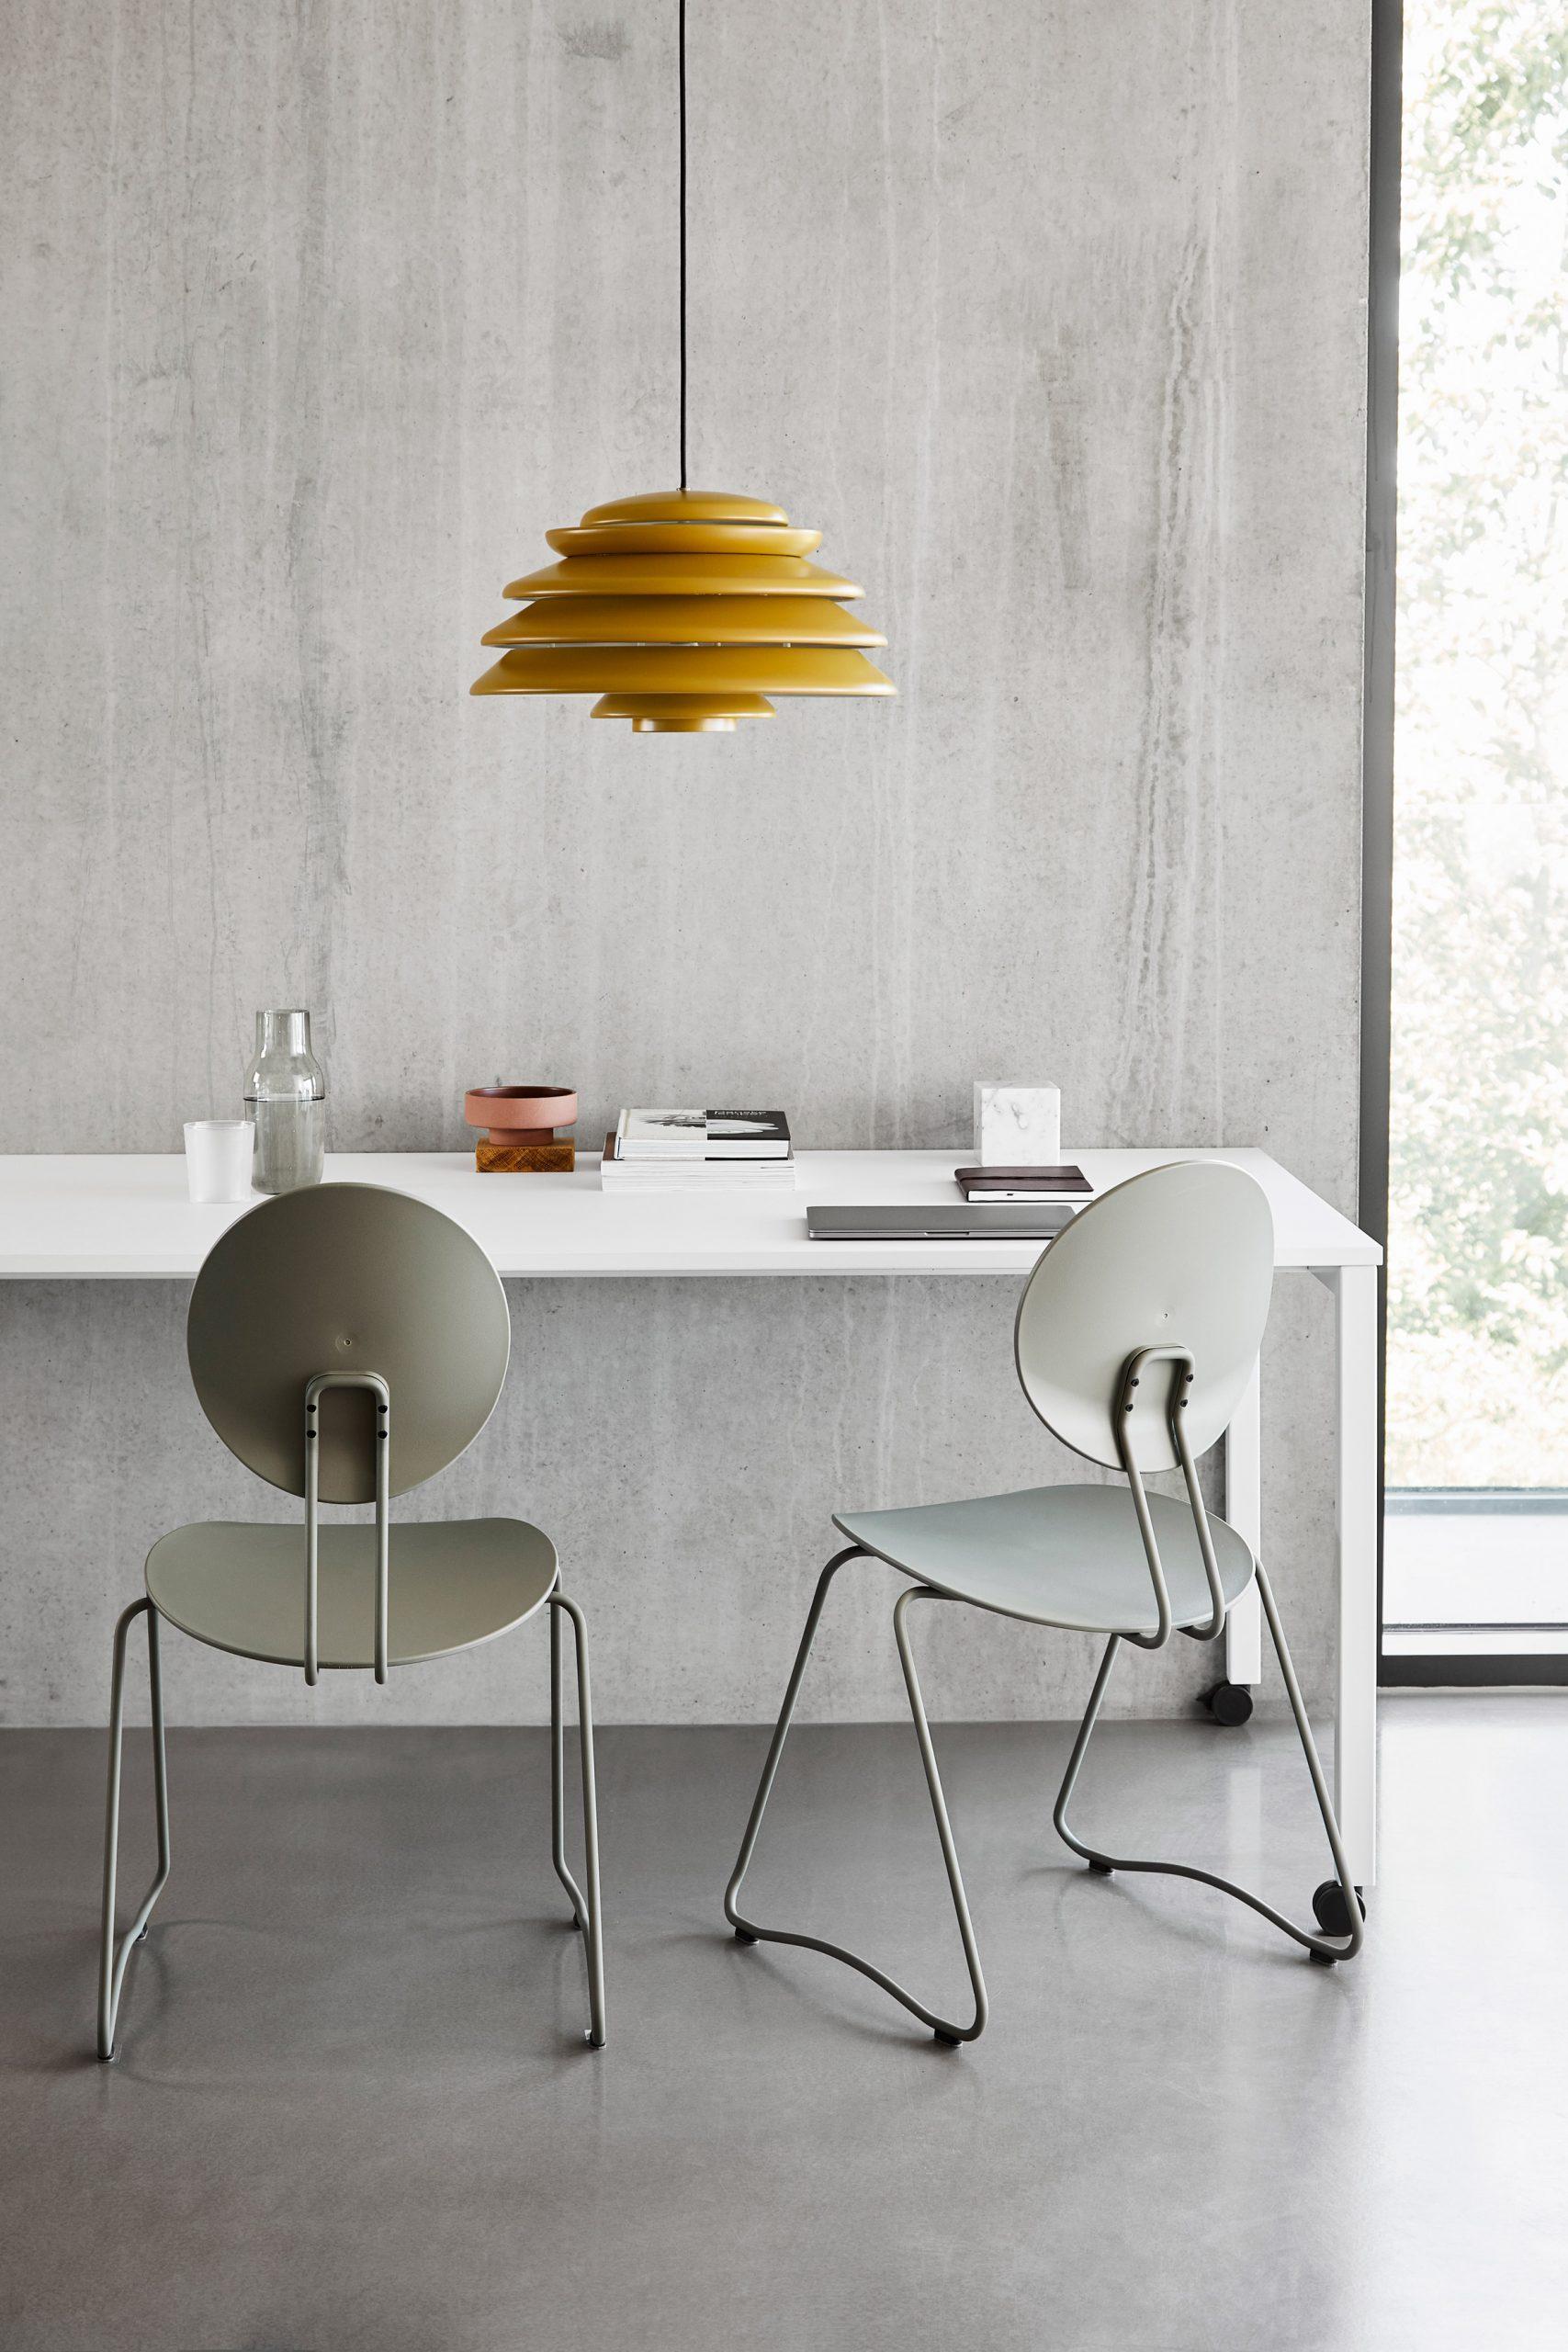 Flex chair by Verpan